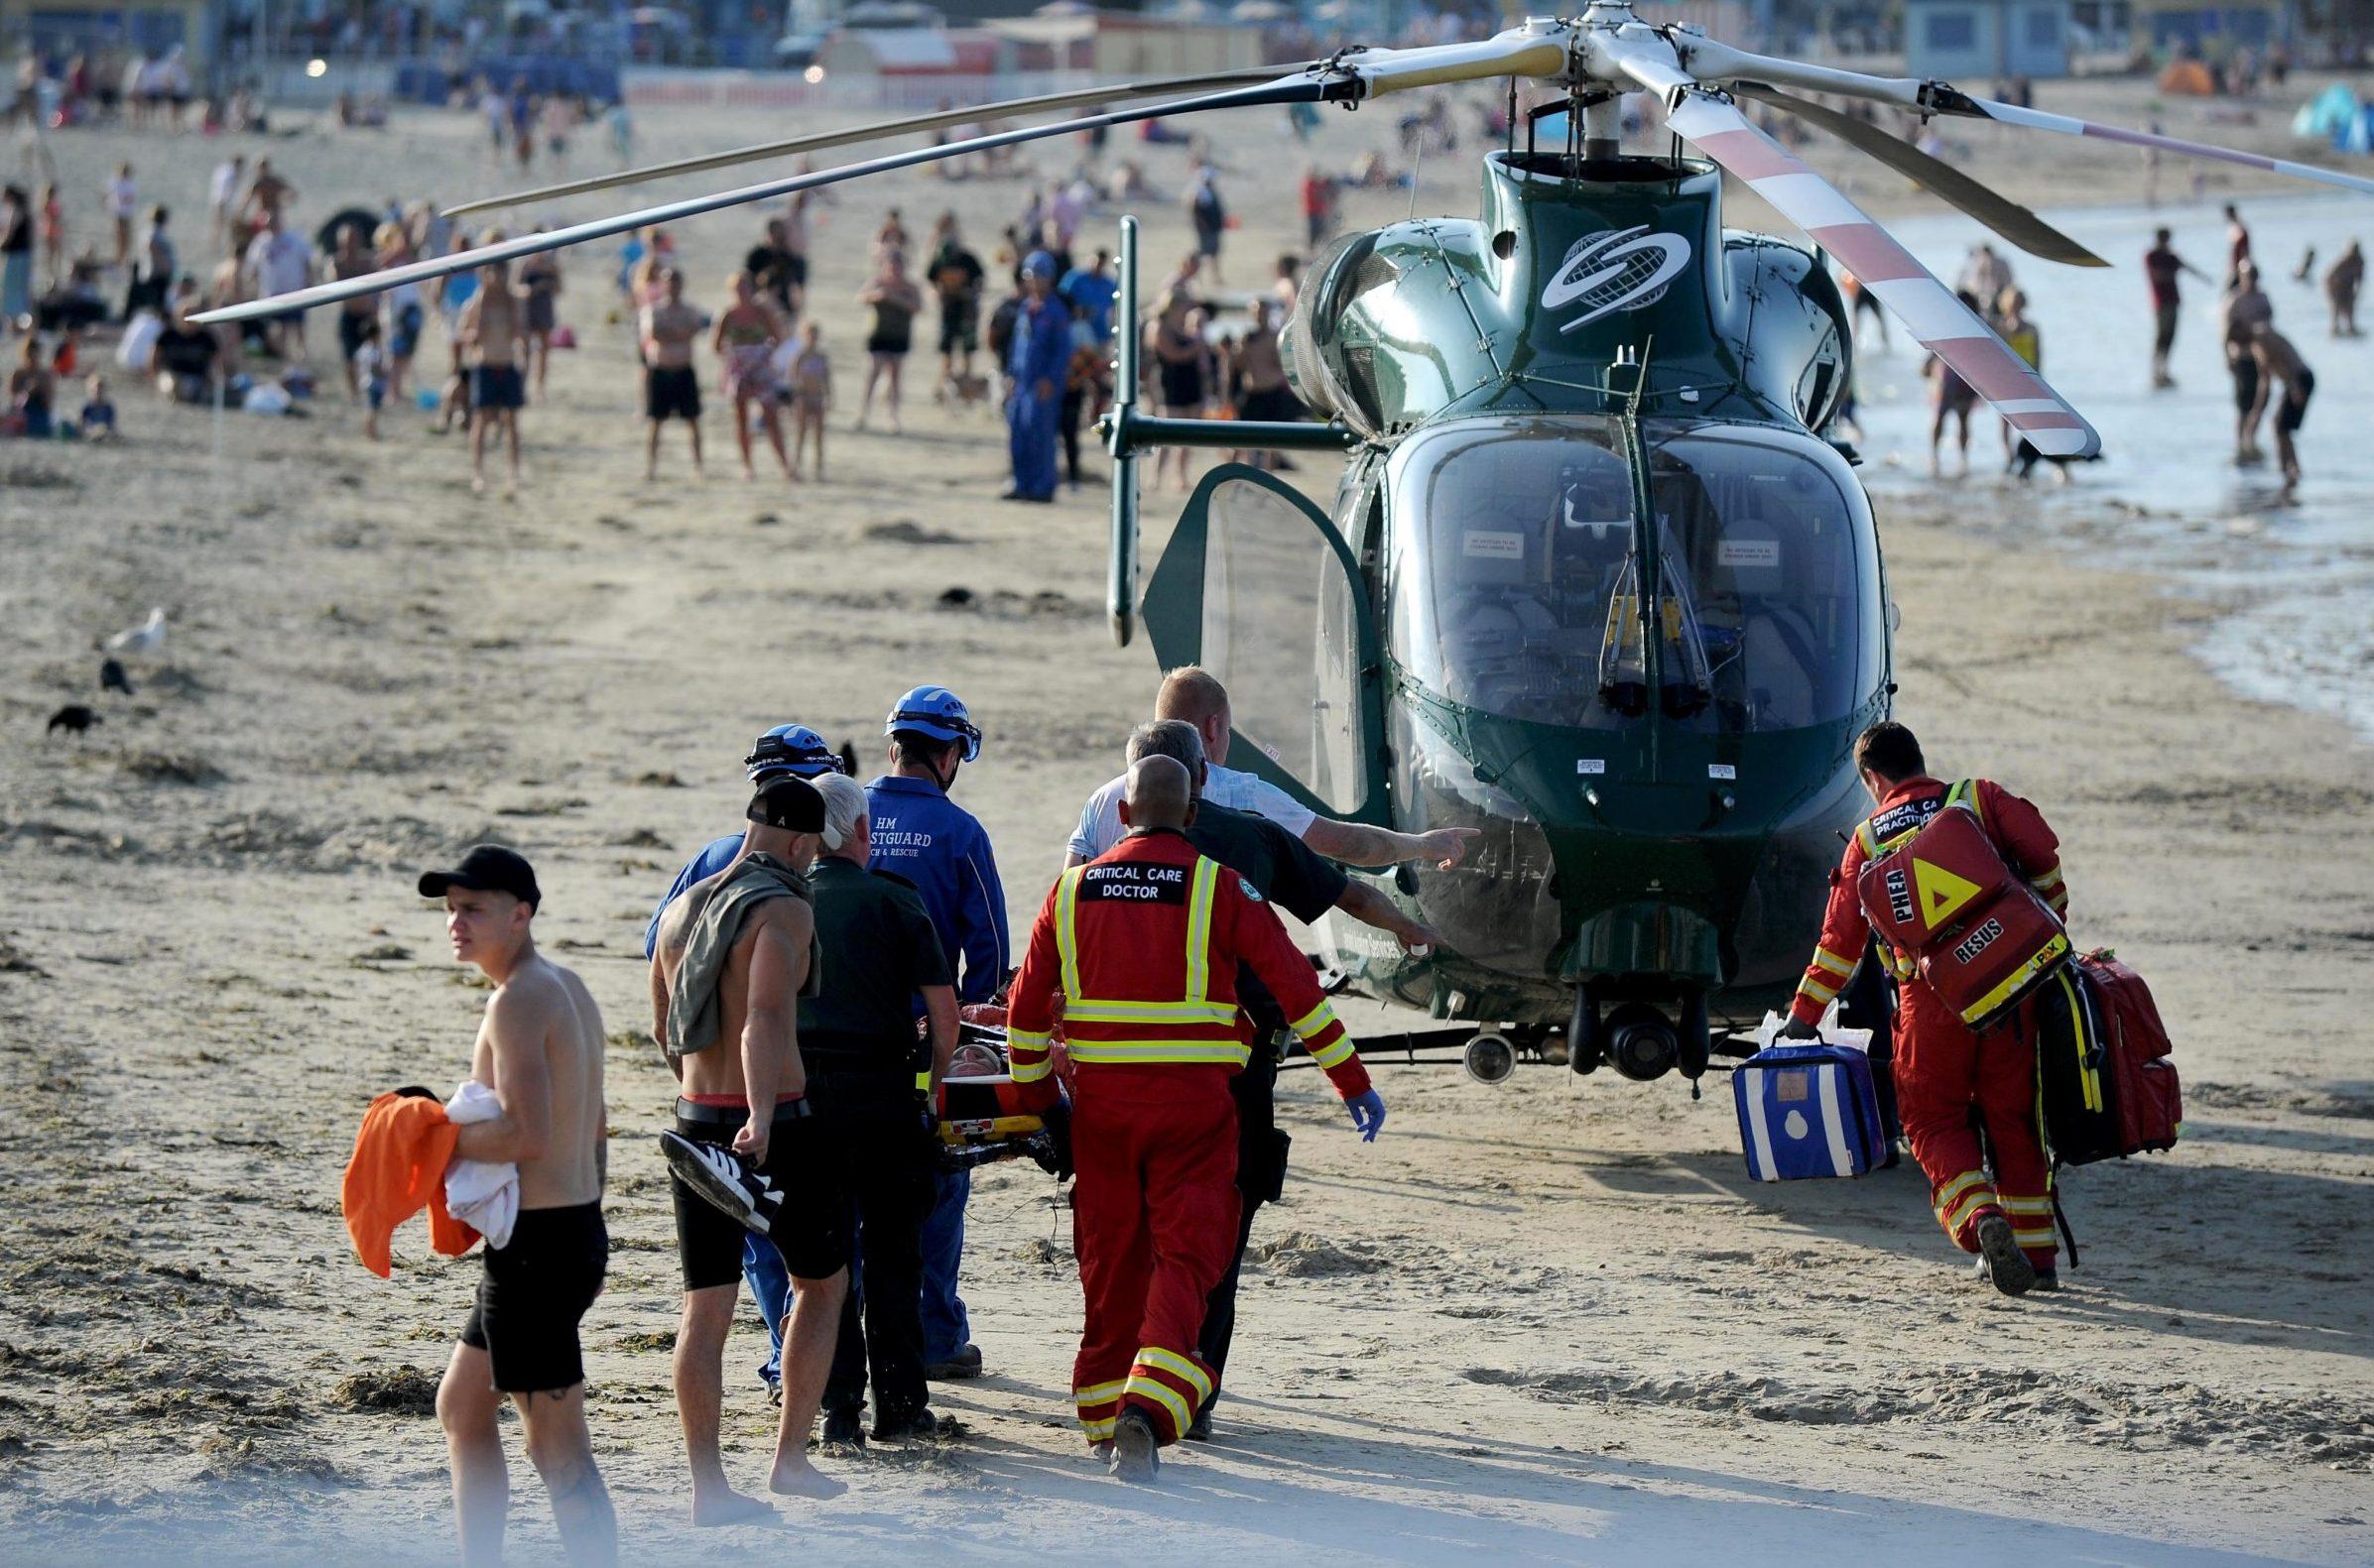 Mandatory Credit: Photo by Finbarr Webster/REX/Shutterstock (9731716e) An injured man is stretchered onto an air ambulance after an incident on Weymouth beach Injured man airlifted from Weymouth beach, Dorset - 30 Jun 2018